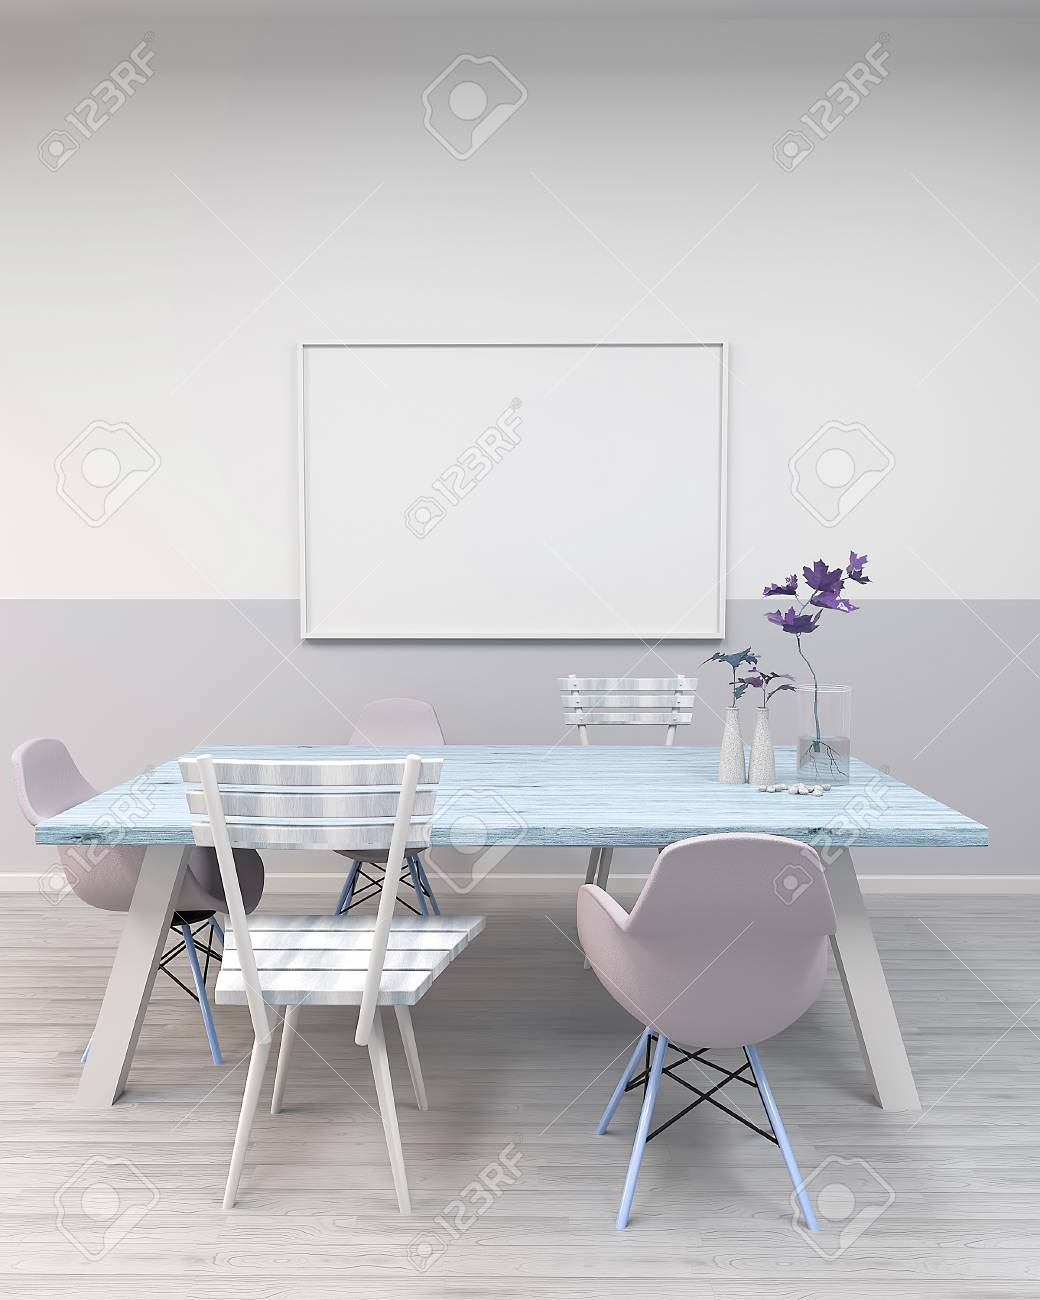 Maquette Encadre Affiche Table Et Chaises Dans Une Chambre Avec